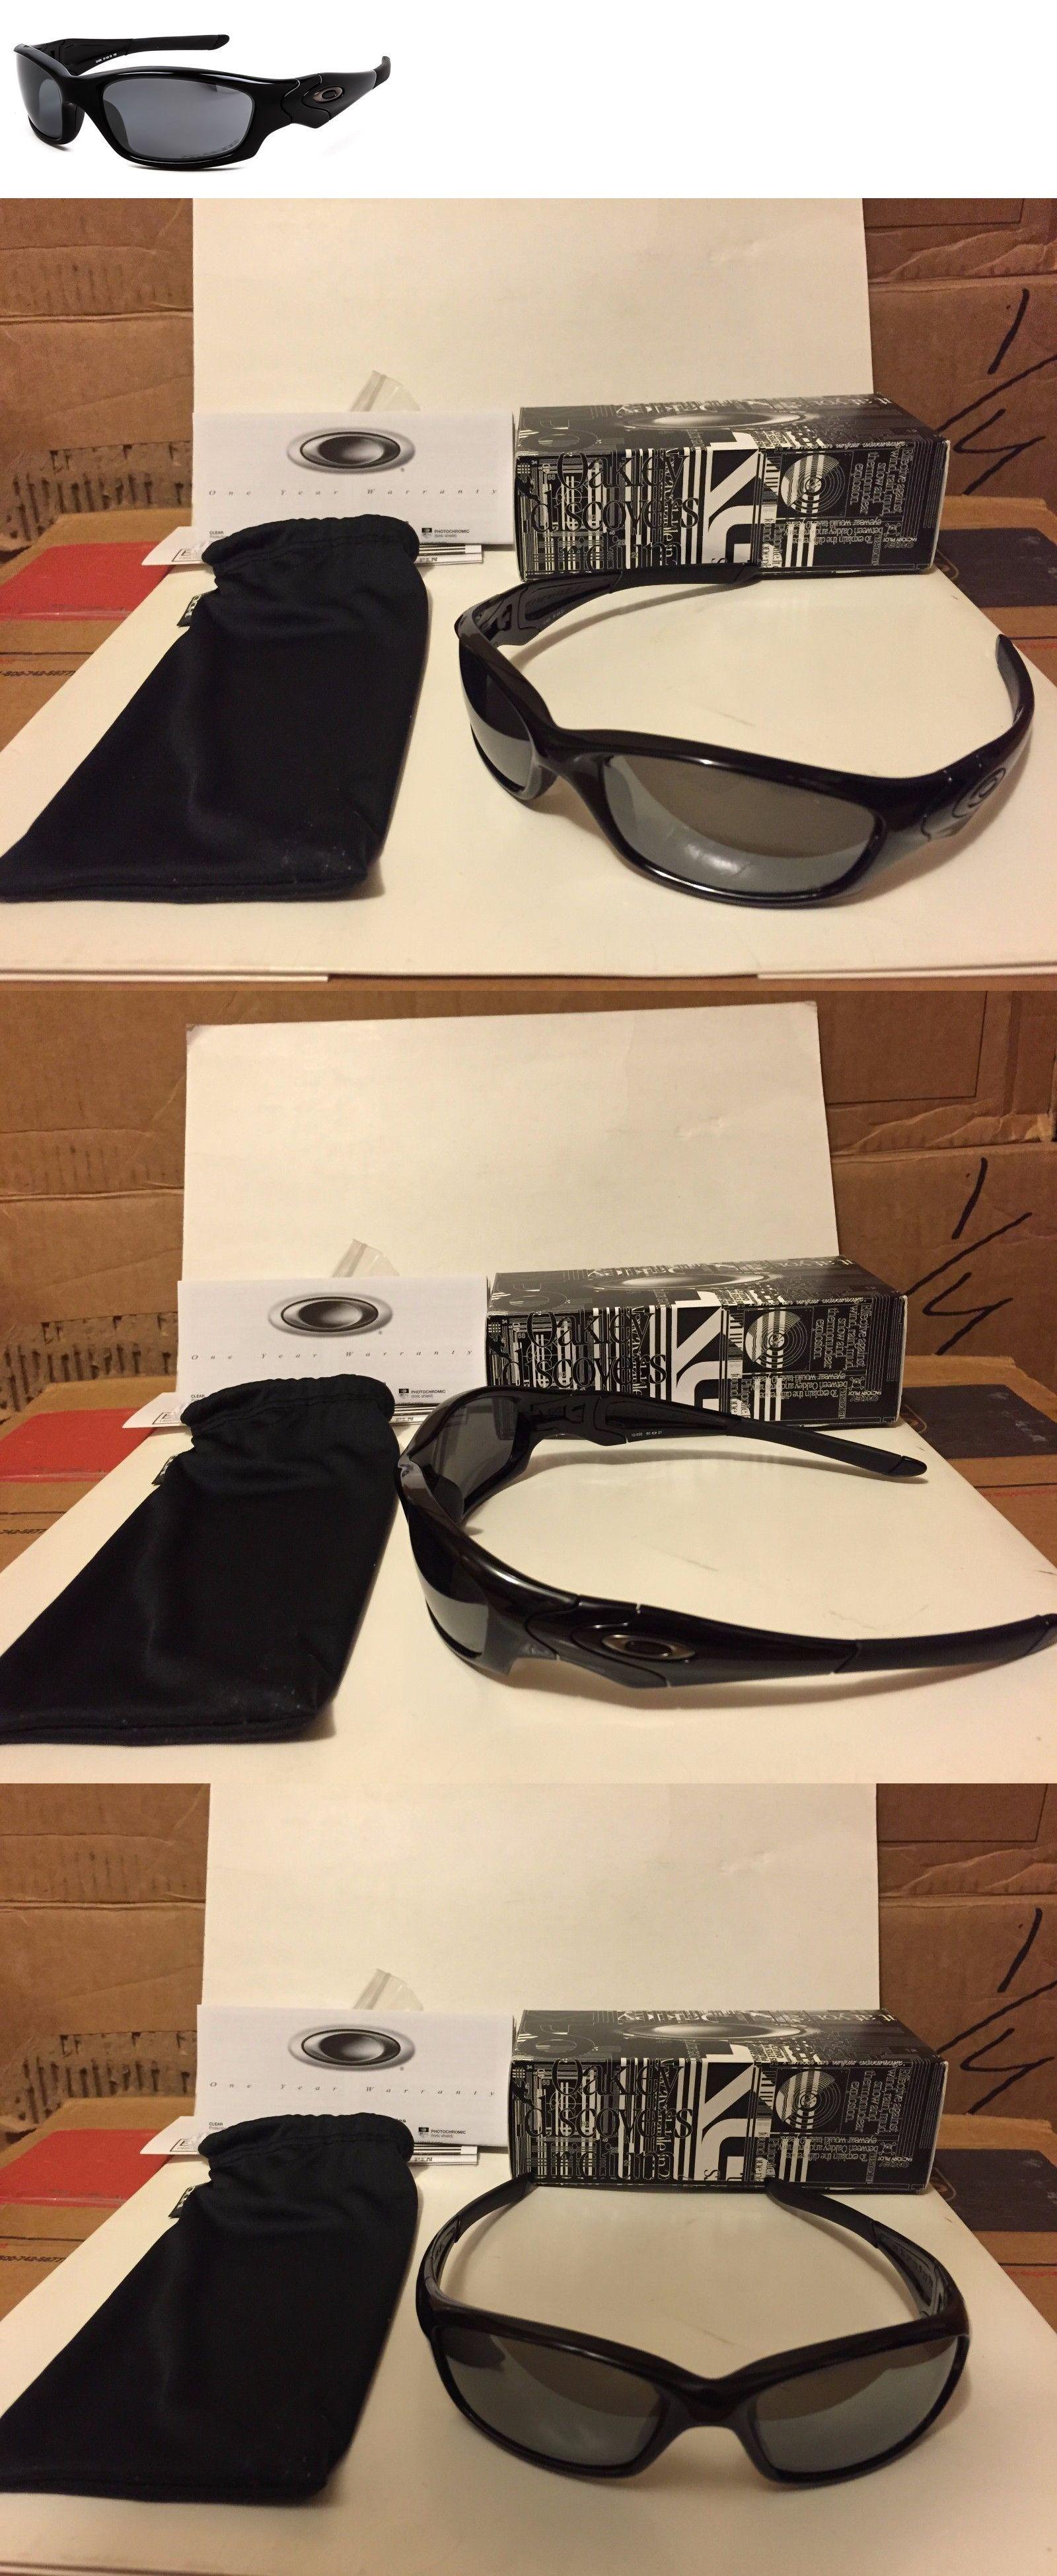 029fed4f5c Sunglasses 151571  New Oakley Straight Jacket 2.0 - Polished Black Black  Iridium Polarized 12-